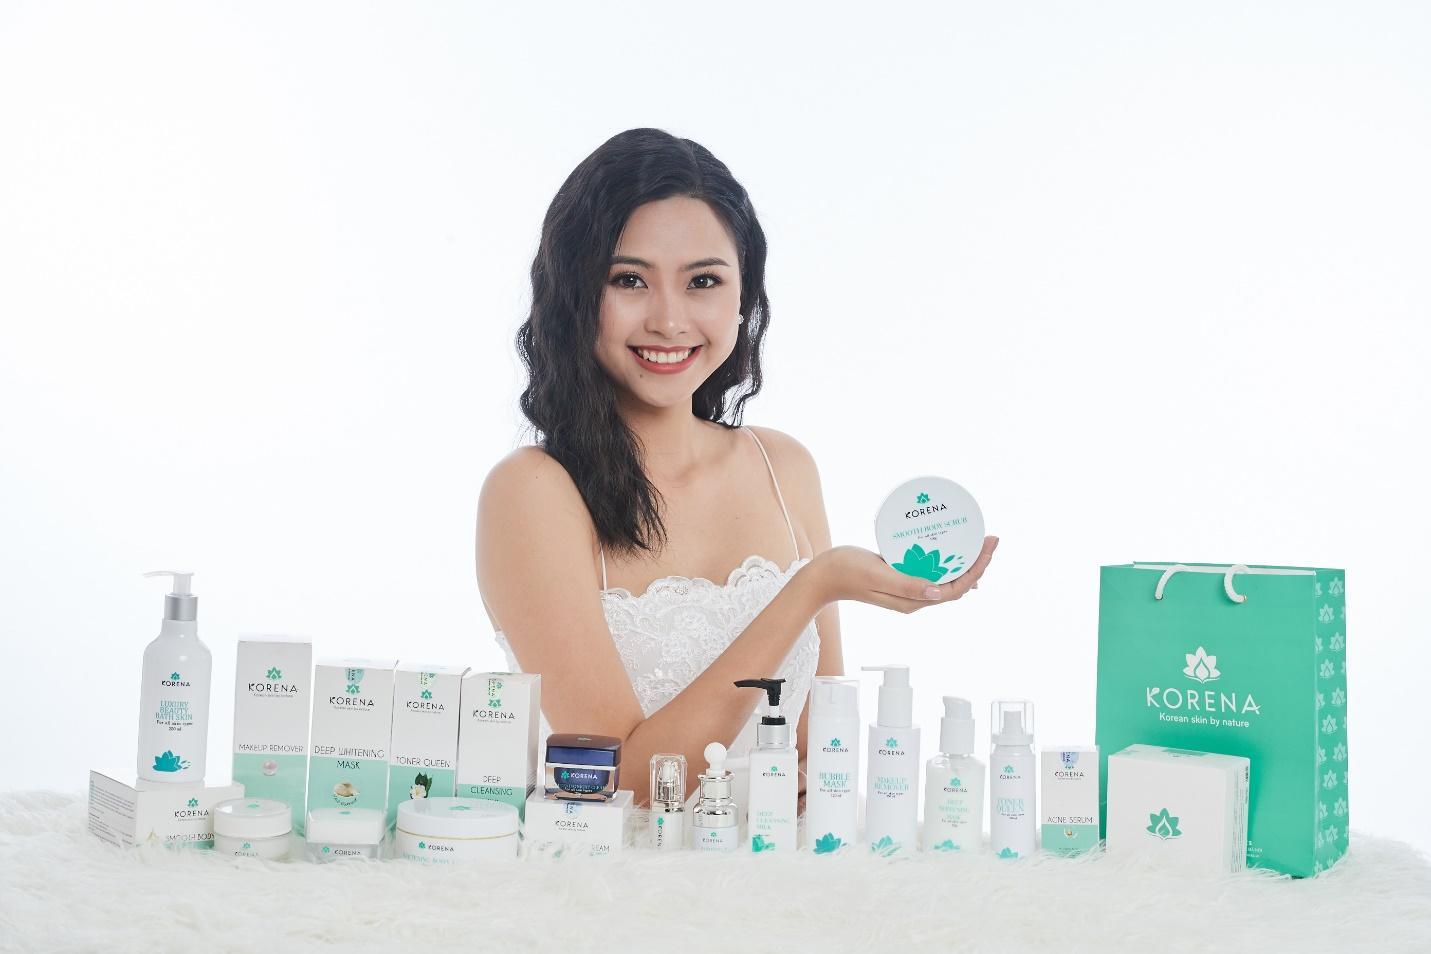 Thương hiệu và công luận: Sự thật về thương hiệu mỹ phẩm Korena trong con mắt công luận và người tiêu dùng - Ảnh 3